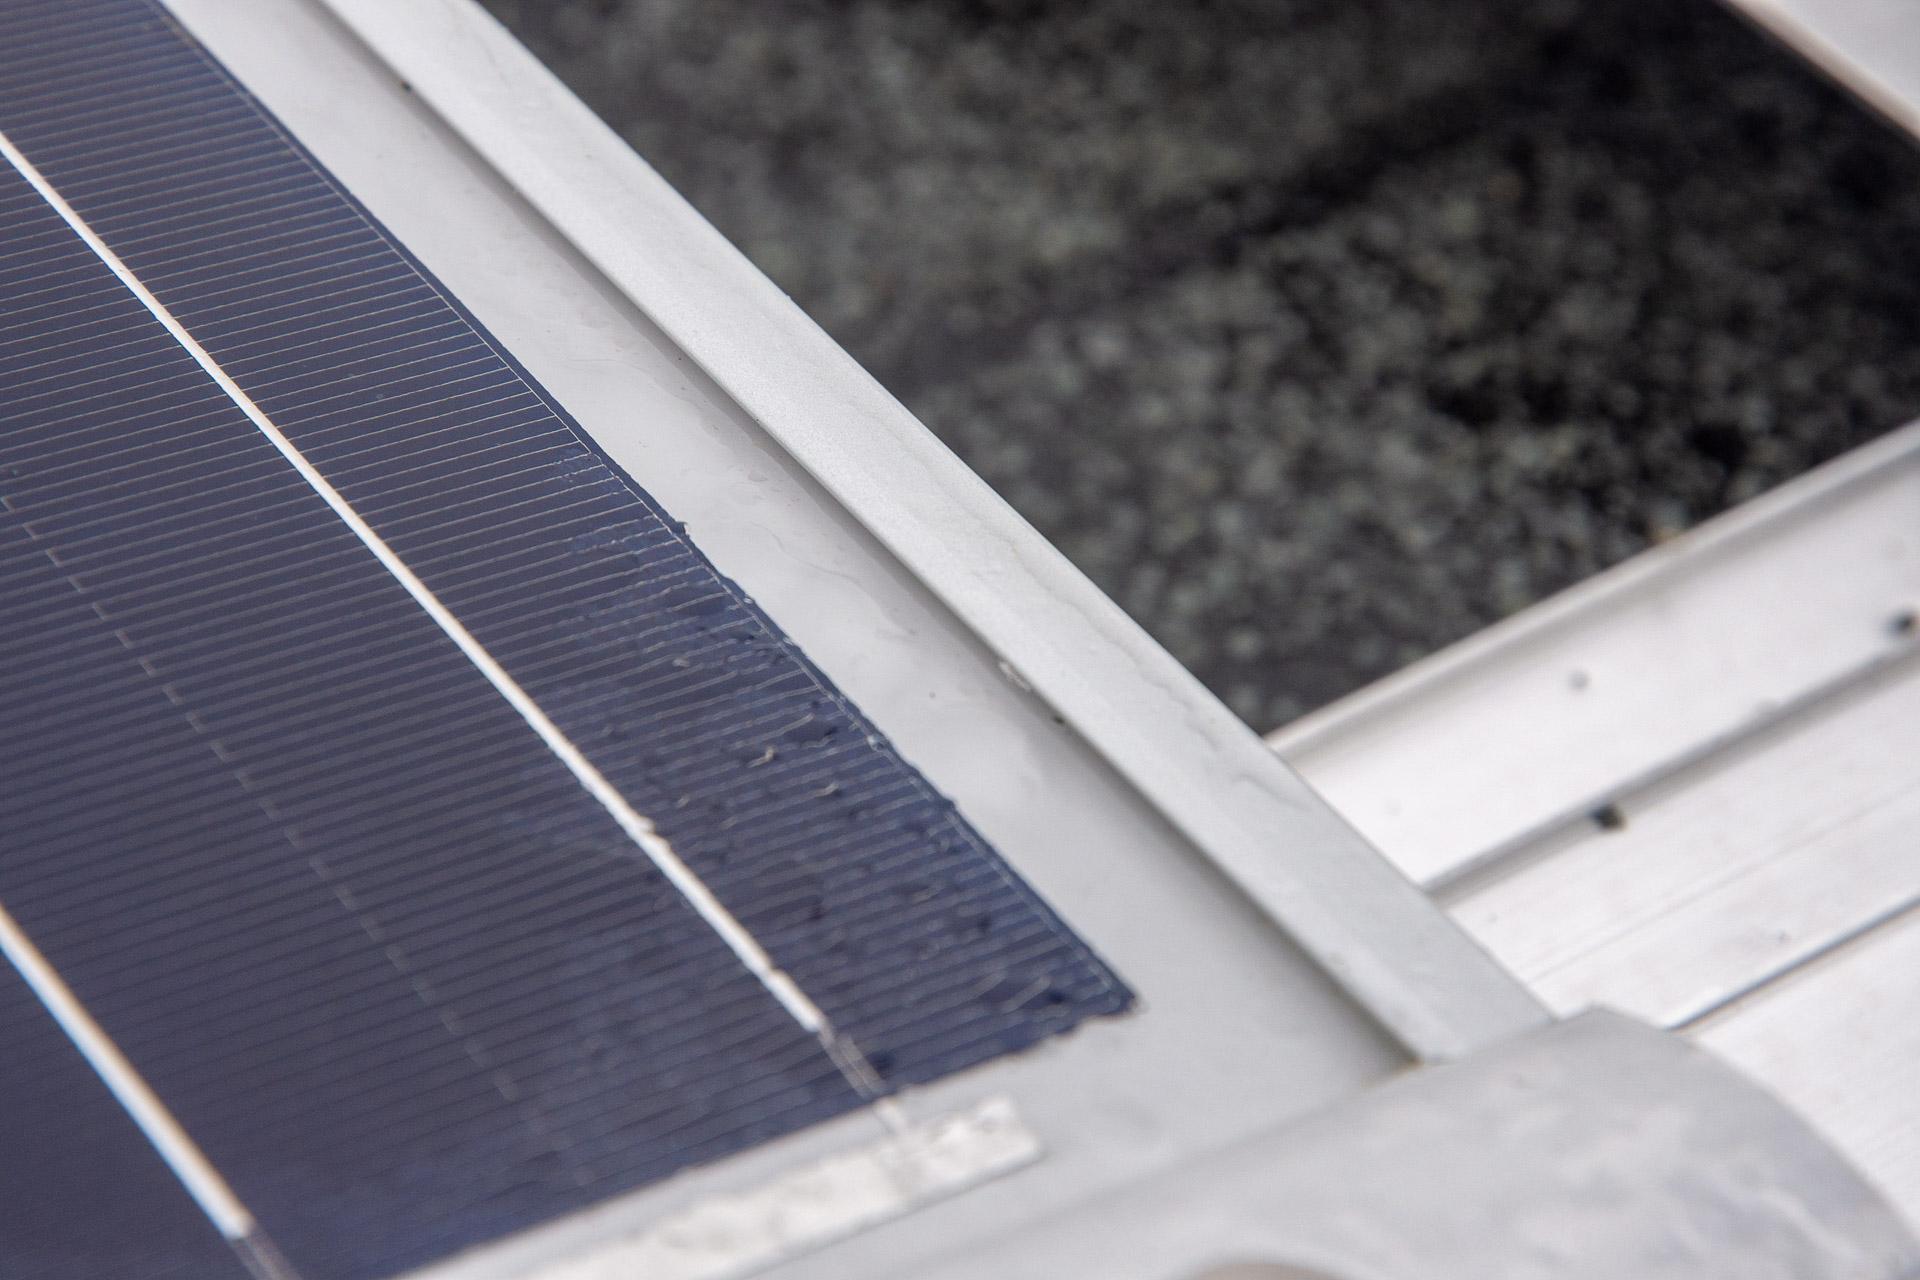 Ronde rand van de gemonteerde zonnepanelen